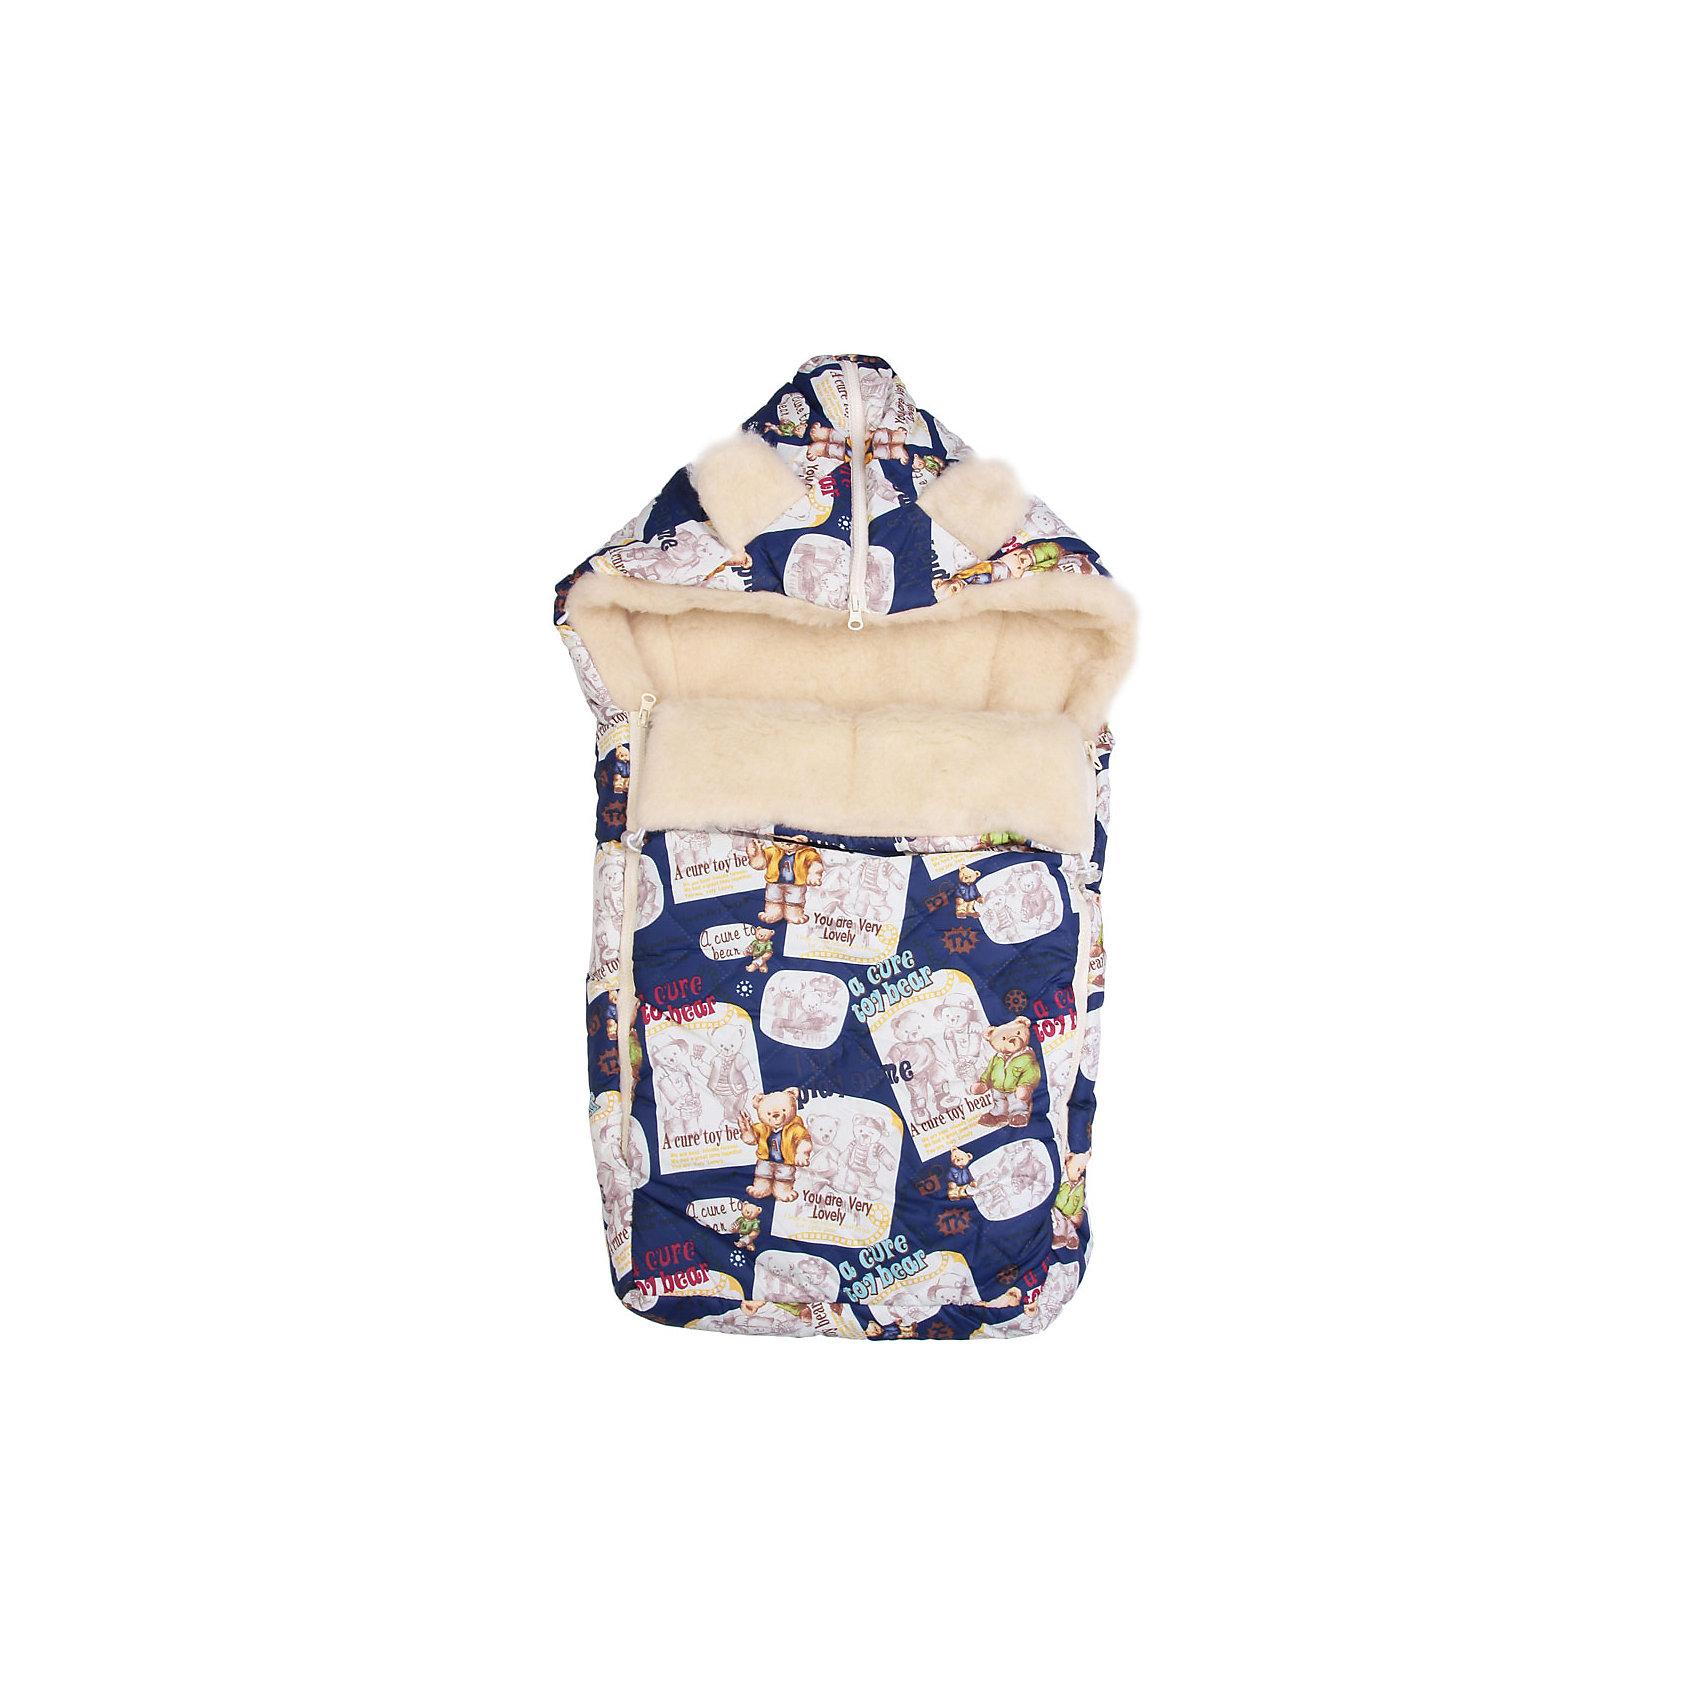 Конверт на овчине Мишуткина газета, Leader Kids, синий/белыйТеплый конверт выполнен из высококачественных гипоаллергенных материалов, прекрасно сохраняет тепло и пропускает воздух, создавая комфортный микроклимат в любую погоду. Практичный конверт застегивается на молнию и имеет капюшон. Идеальный вариант для прогулок.<br><br>Дополнительная информация:<br><br>- Материал: утеплитель - синтепон; подкладка - шерсть; наружный материал - полиэстер.<br>- Размер: 80х45 см.<br>- Сезон: осень, зима.<br>- Тип застежки: молния.<br>- Декоративные элементы: принт. <br>- Цвет: синий. <br><br>Конверт на овчине Мишуткина газета, Leader Kids, синий, можно купить в нашем магазине.<br><br>Ширина мм: 50<br>Глубина мм: 250<br>Высота мм: 400<br>Вес г: 500<br>Цвет: синий/белый<br>Возраст от месяцев: 0<br>Возраст до месяцев: 6<br>Пол: Унисекс<br>Возраст: Детский<br>SKU: 4217308